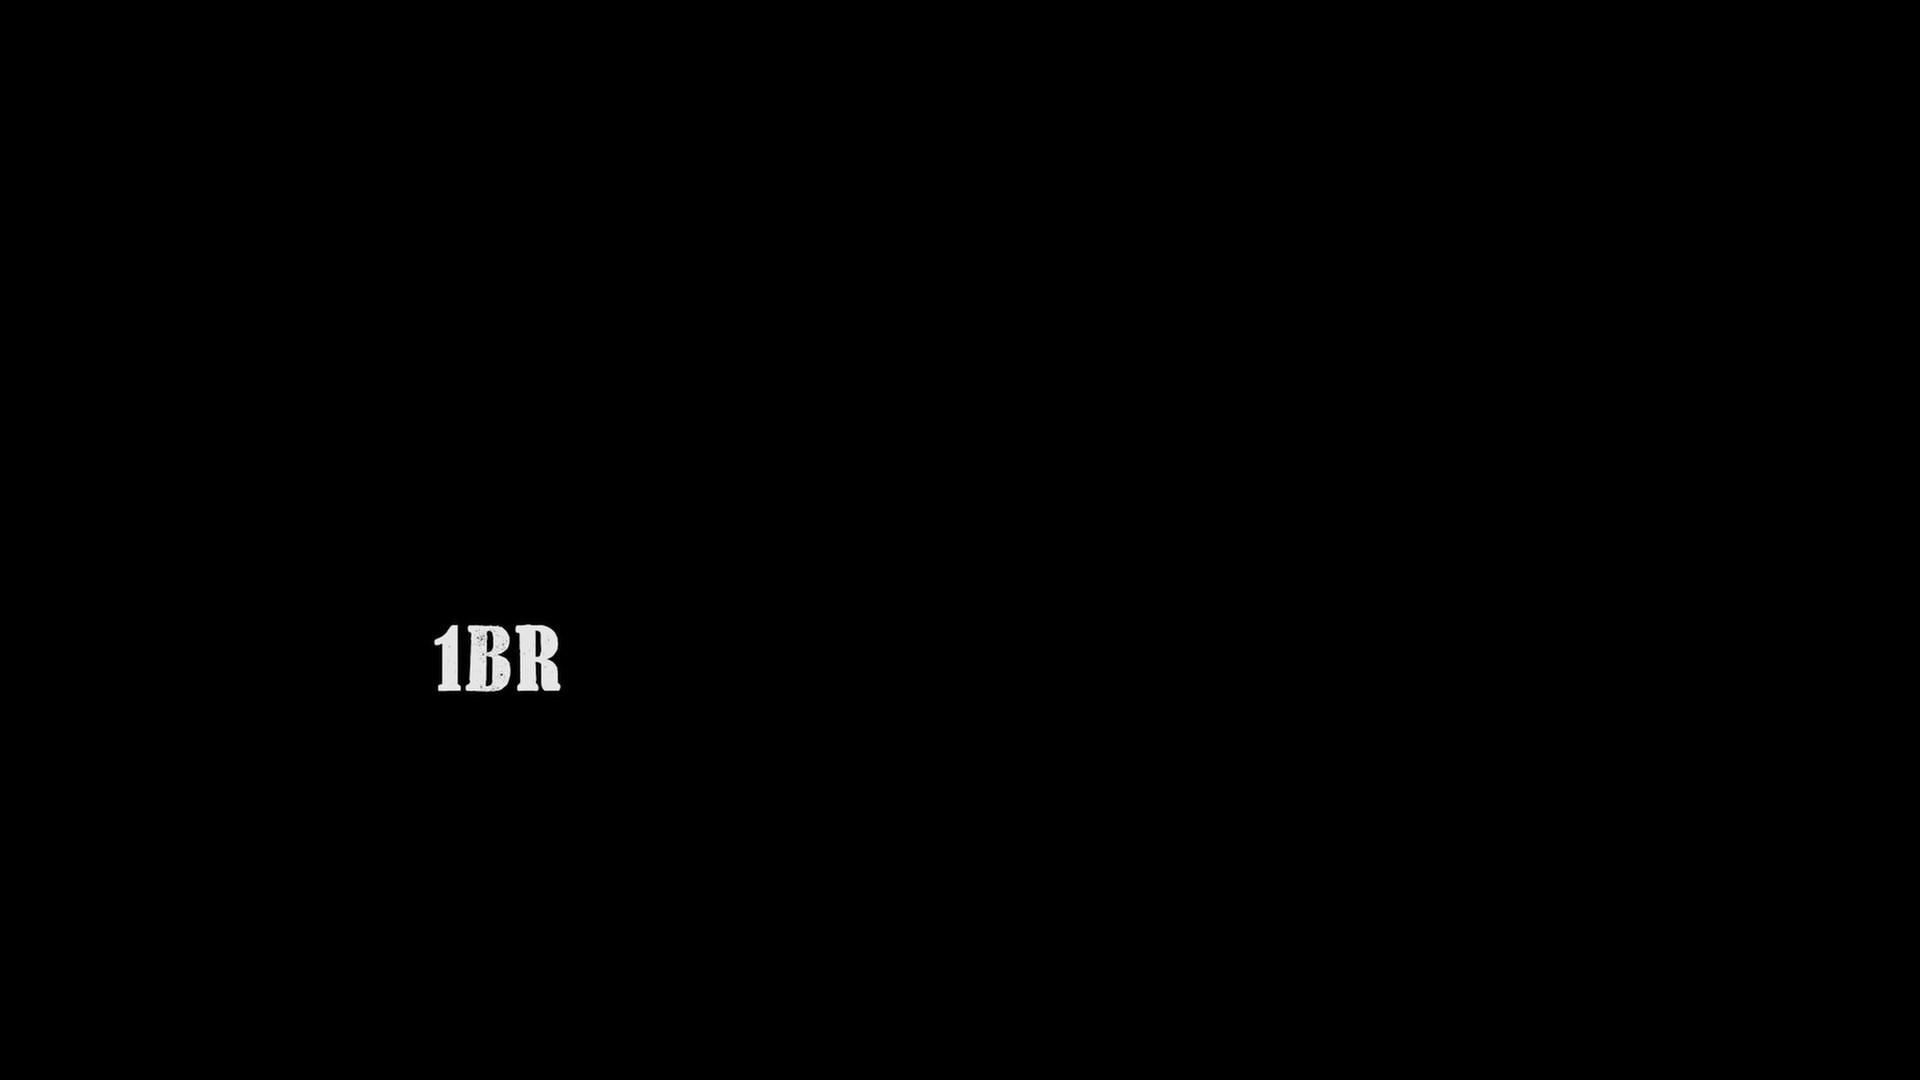 1BR El Departamento (2019) 1080p Remux